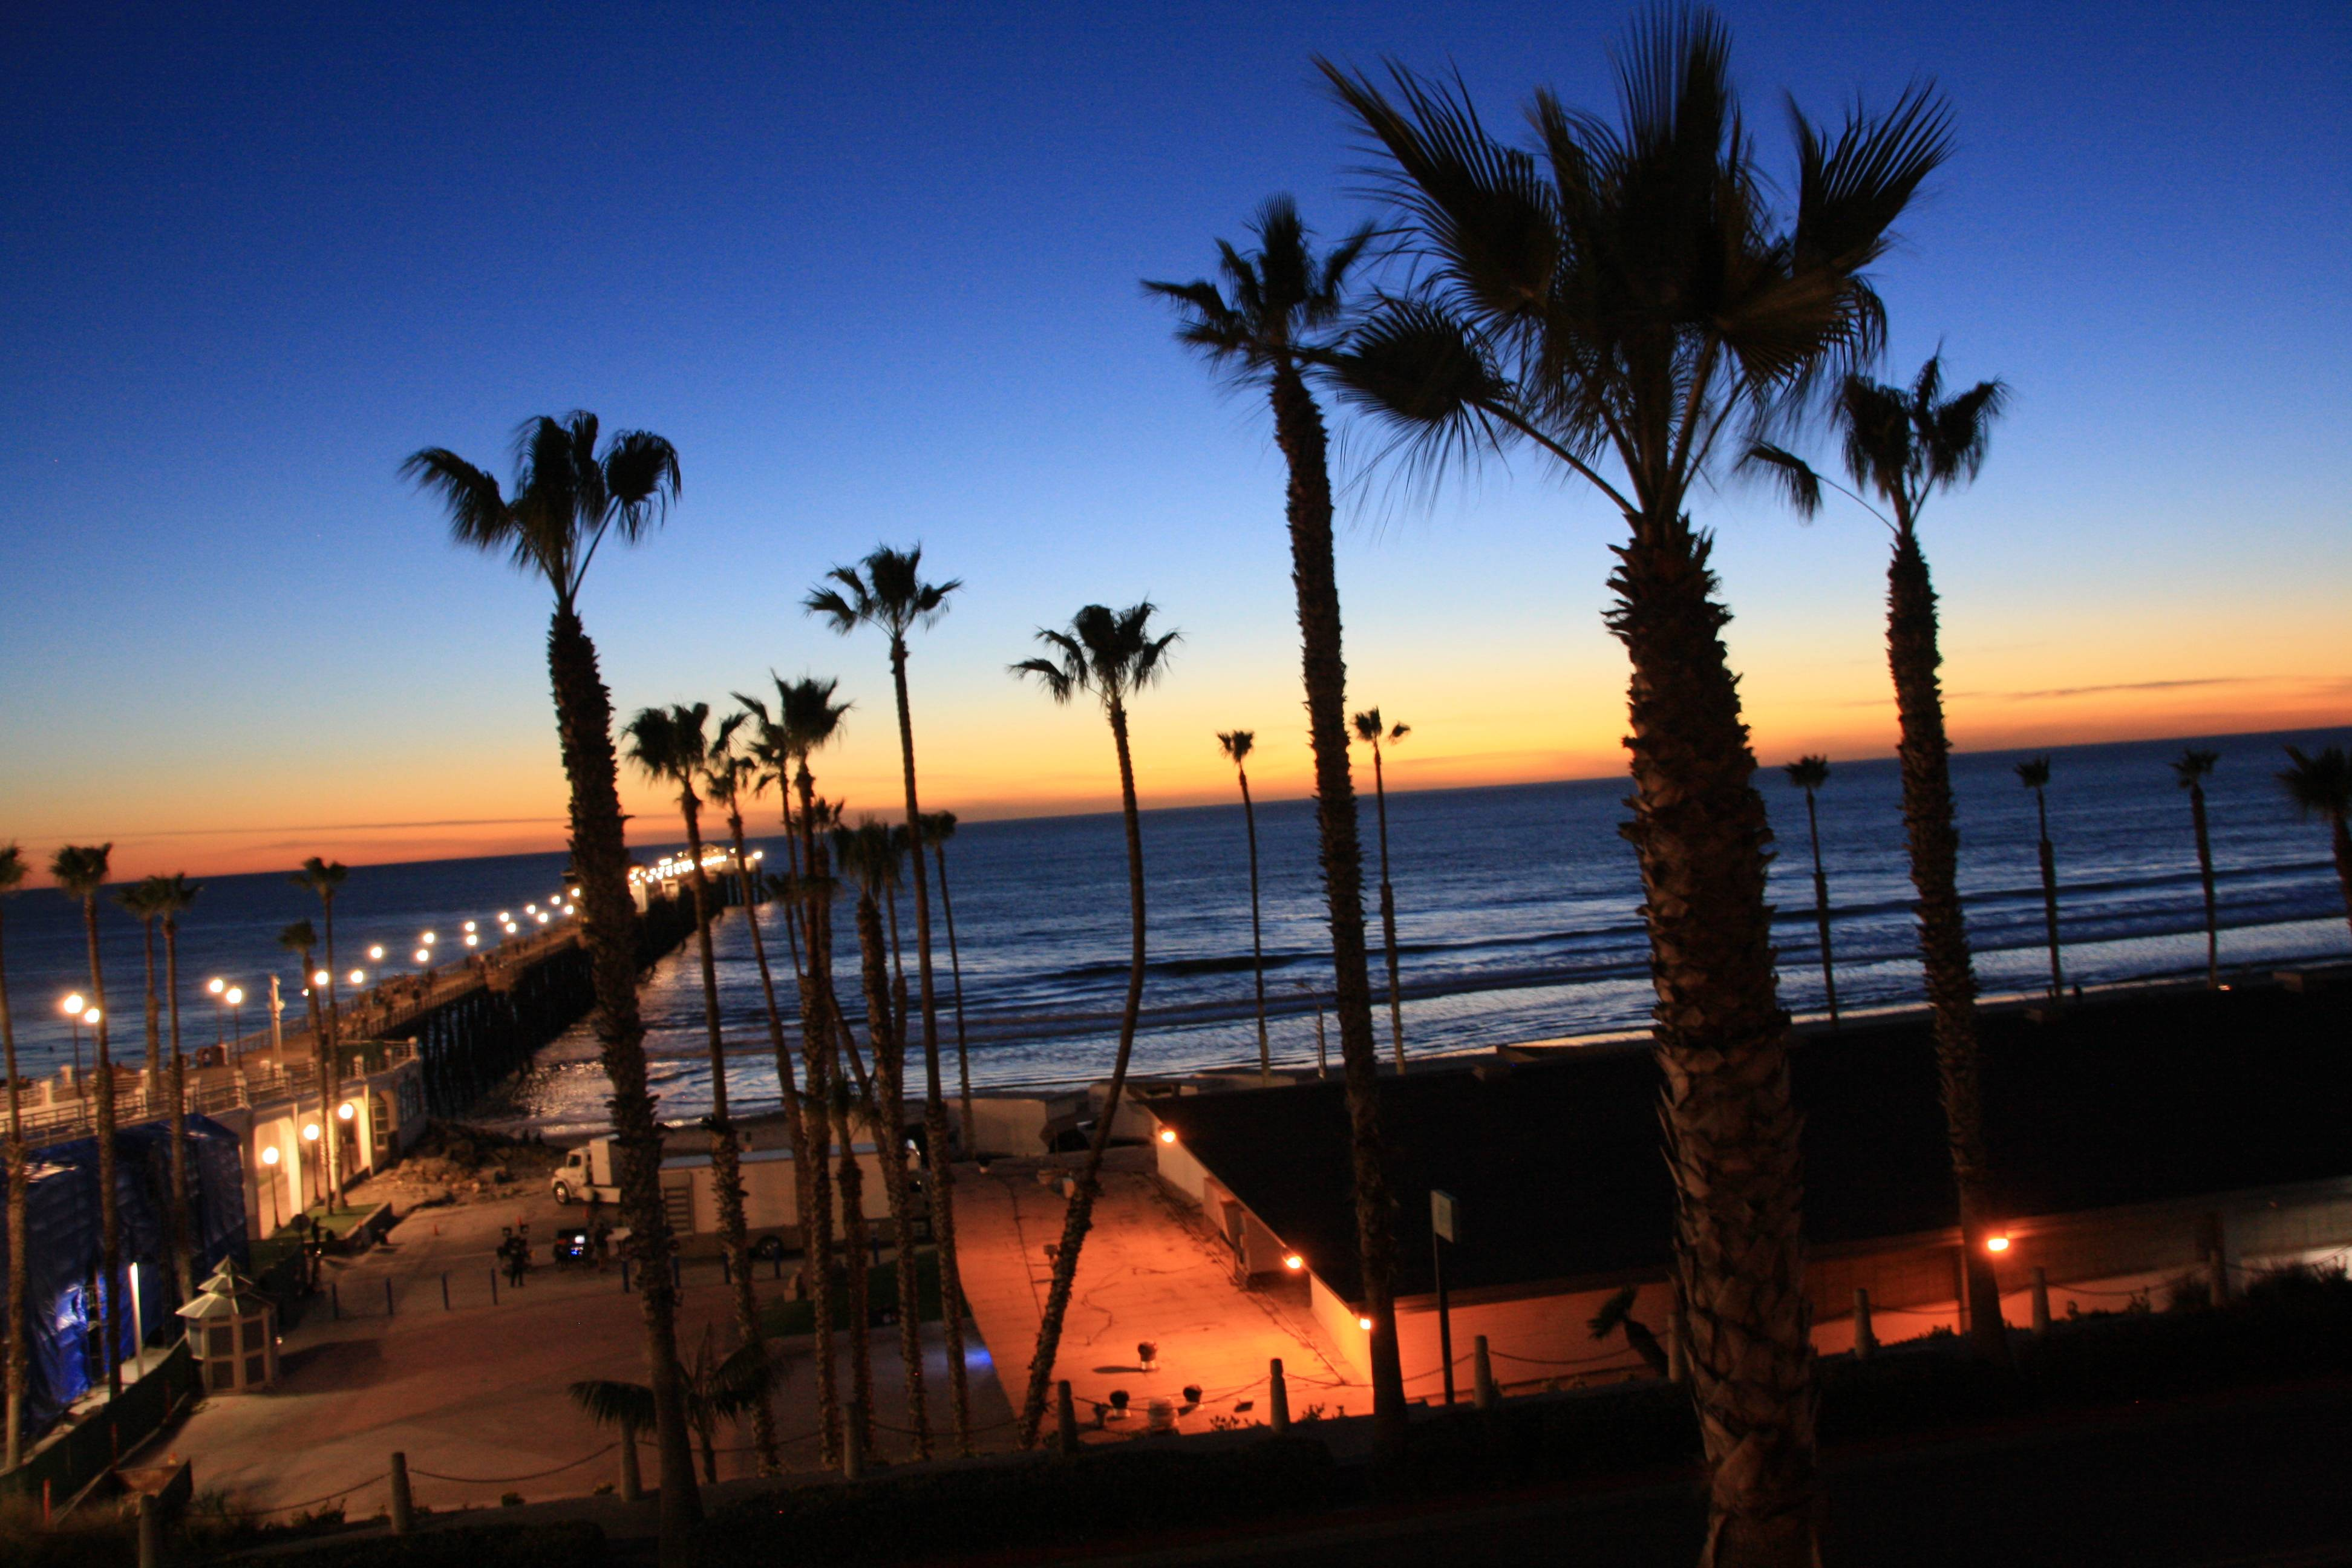 View of Oceanside Pier in Oceanside CA